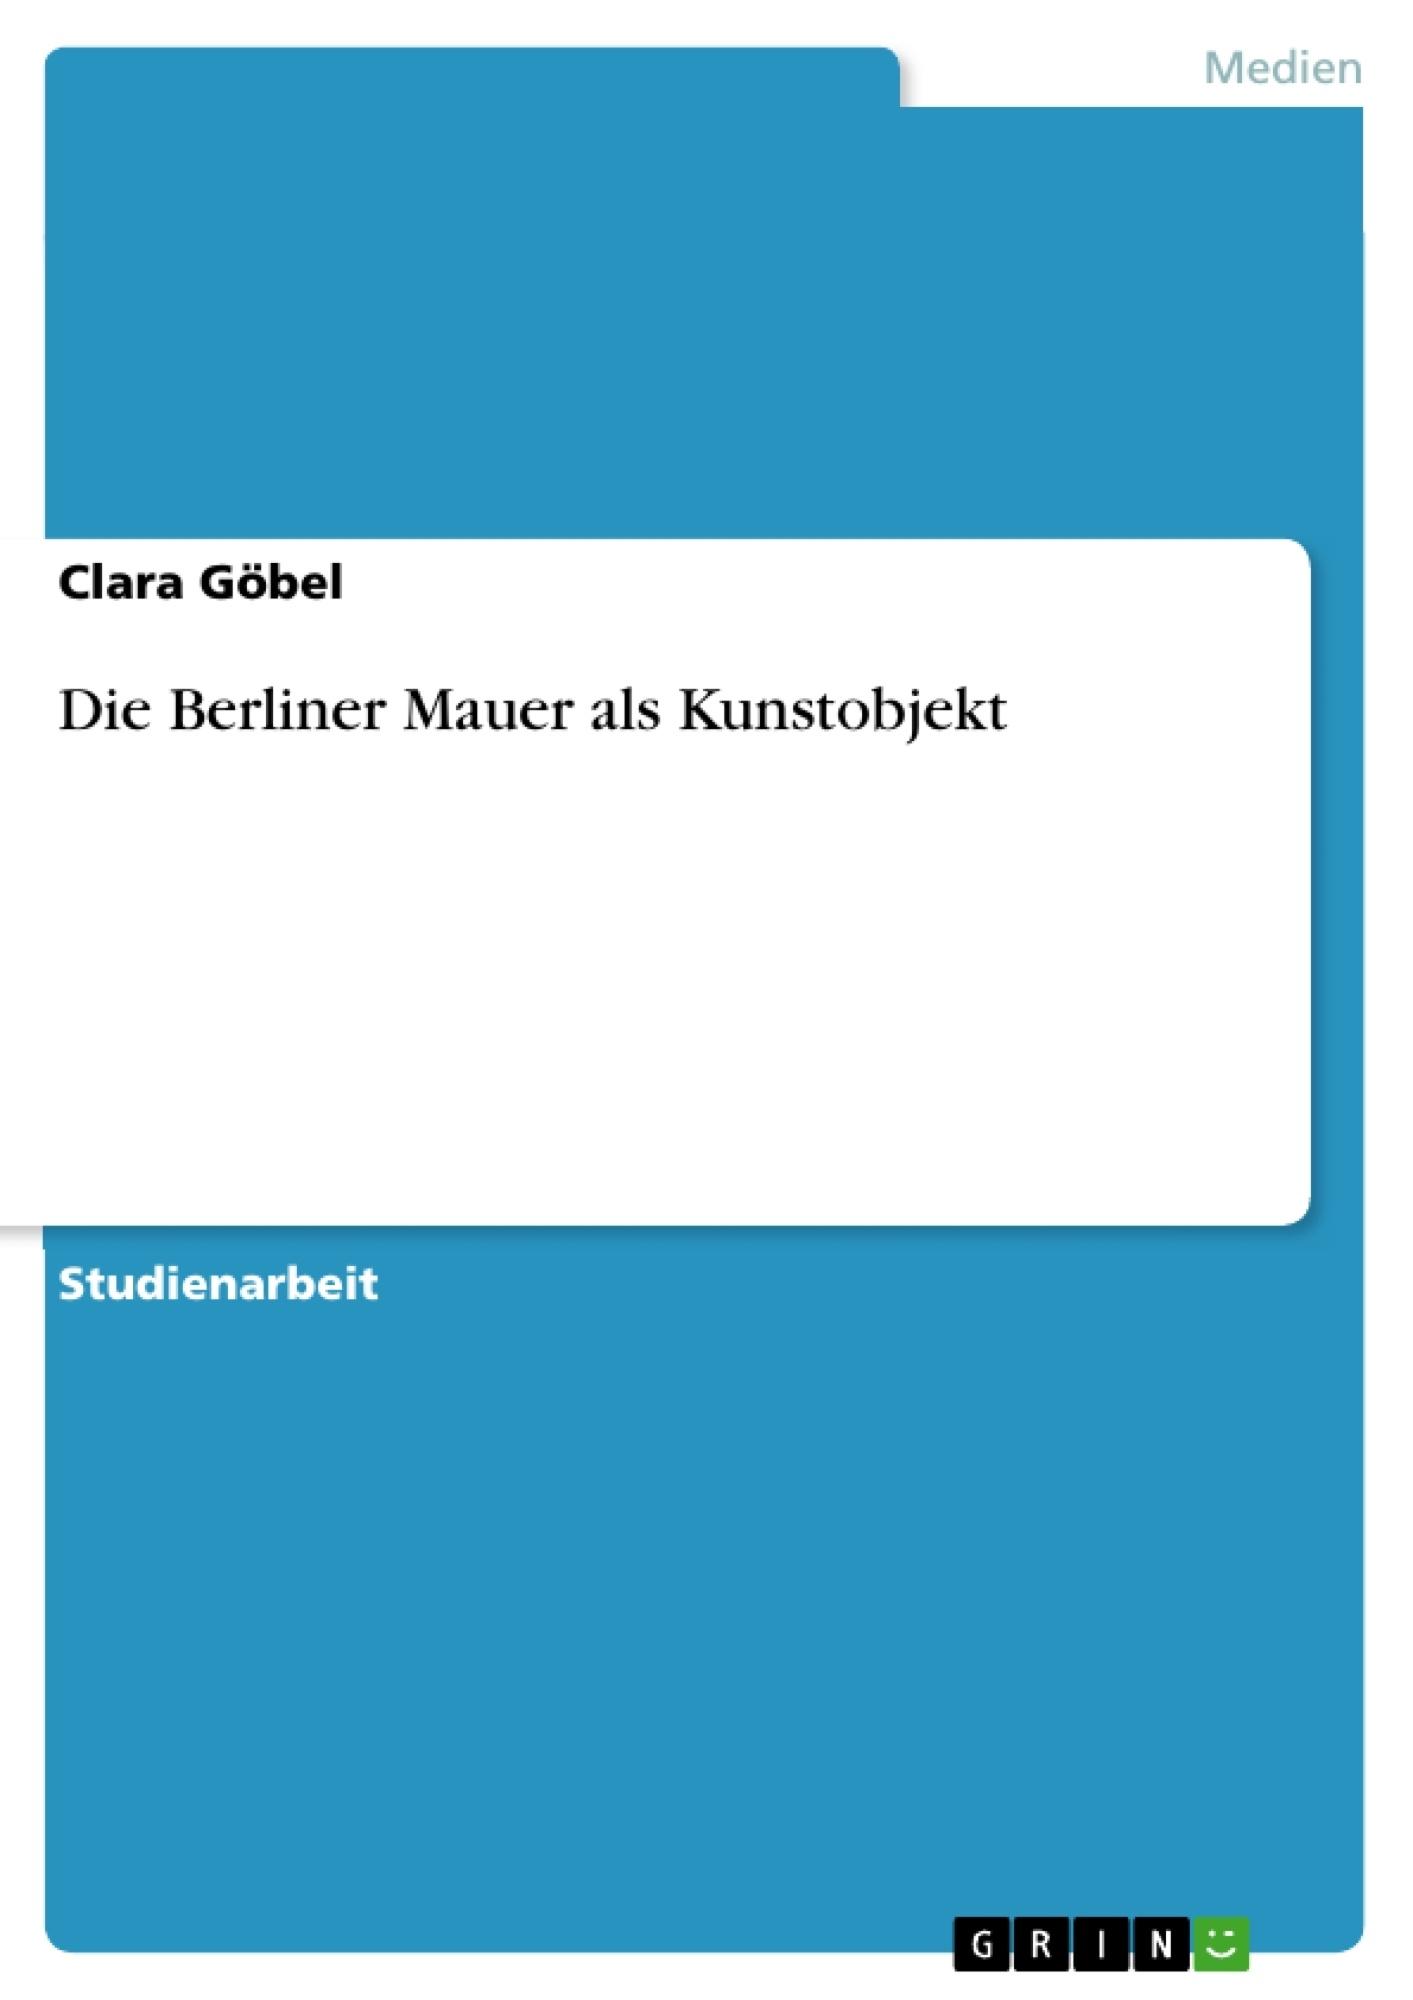 Titel: Die Berliner Mauer als Kunstobjekt